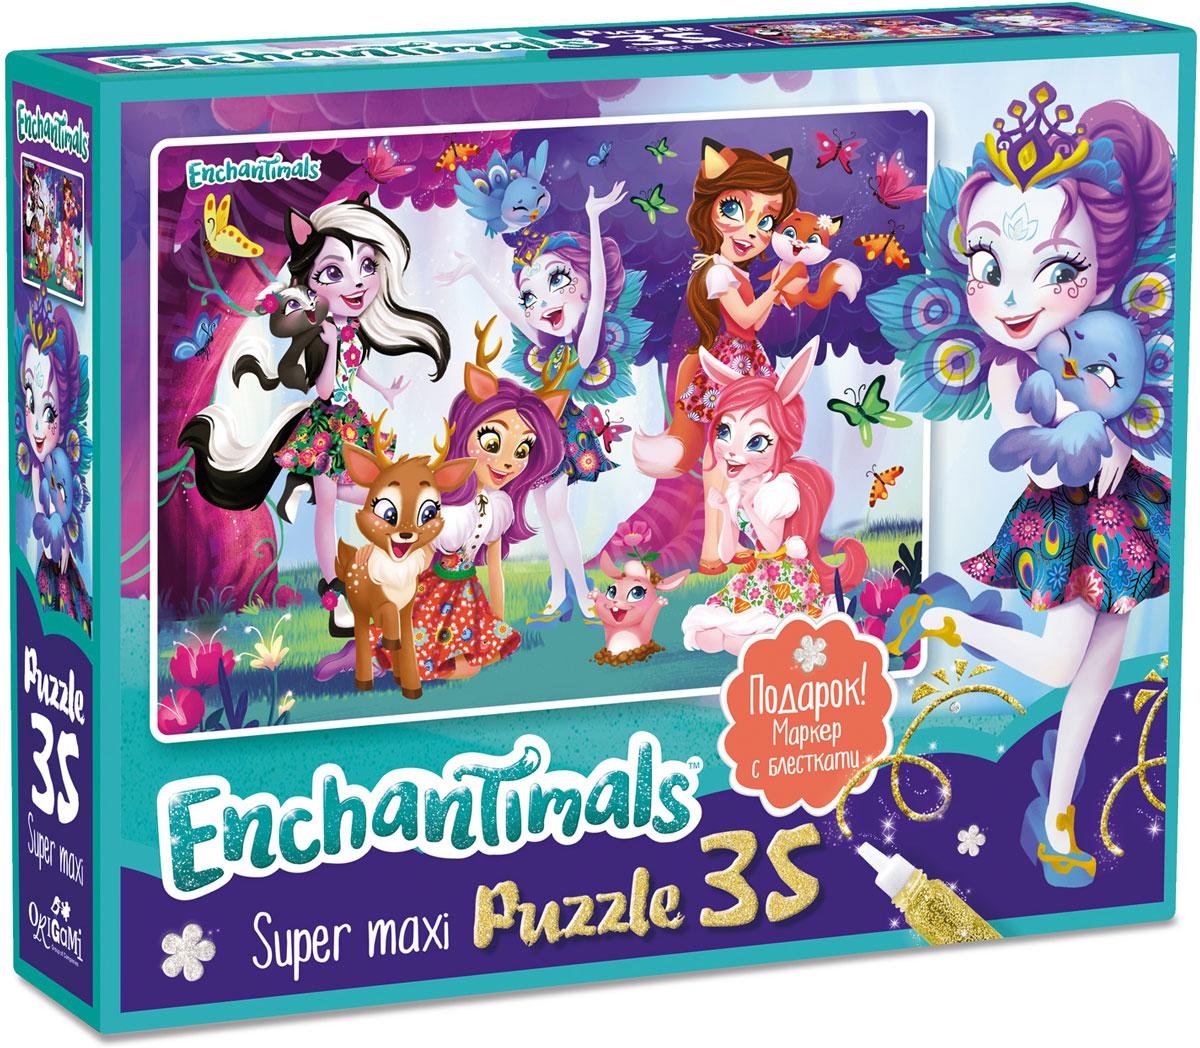 Enchantimals Пазл для малышей Любимые герои enchantimals пазл 64 магнитик фелисити лис и флик 03554